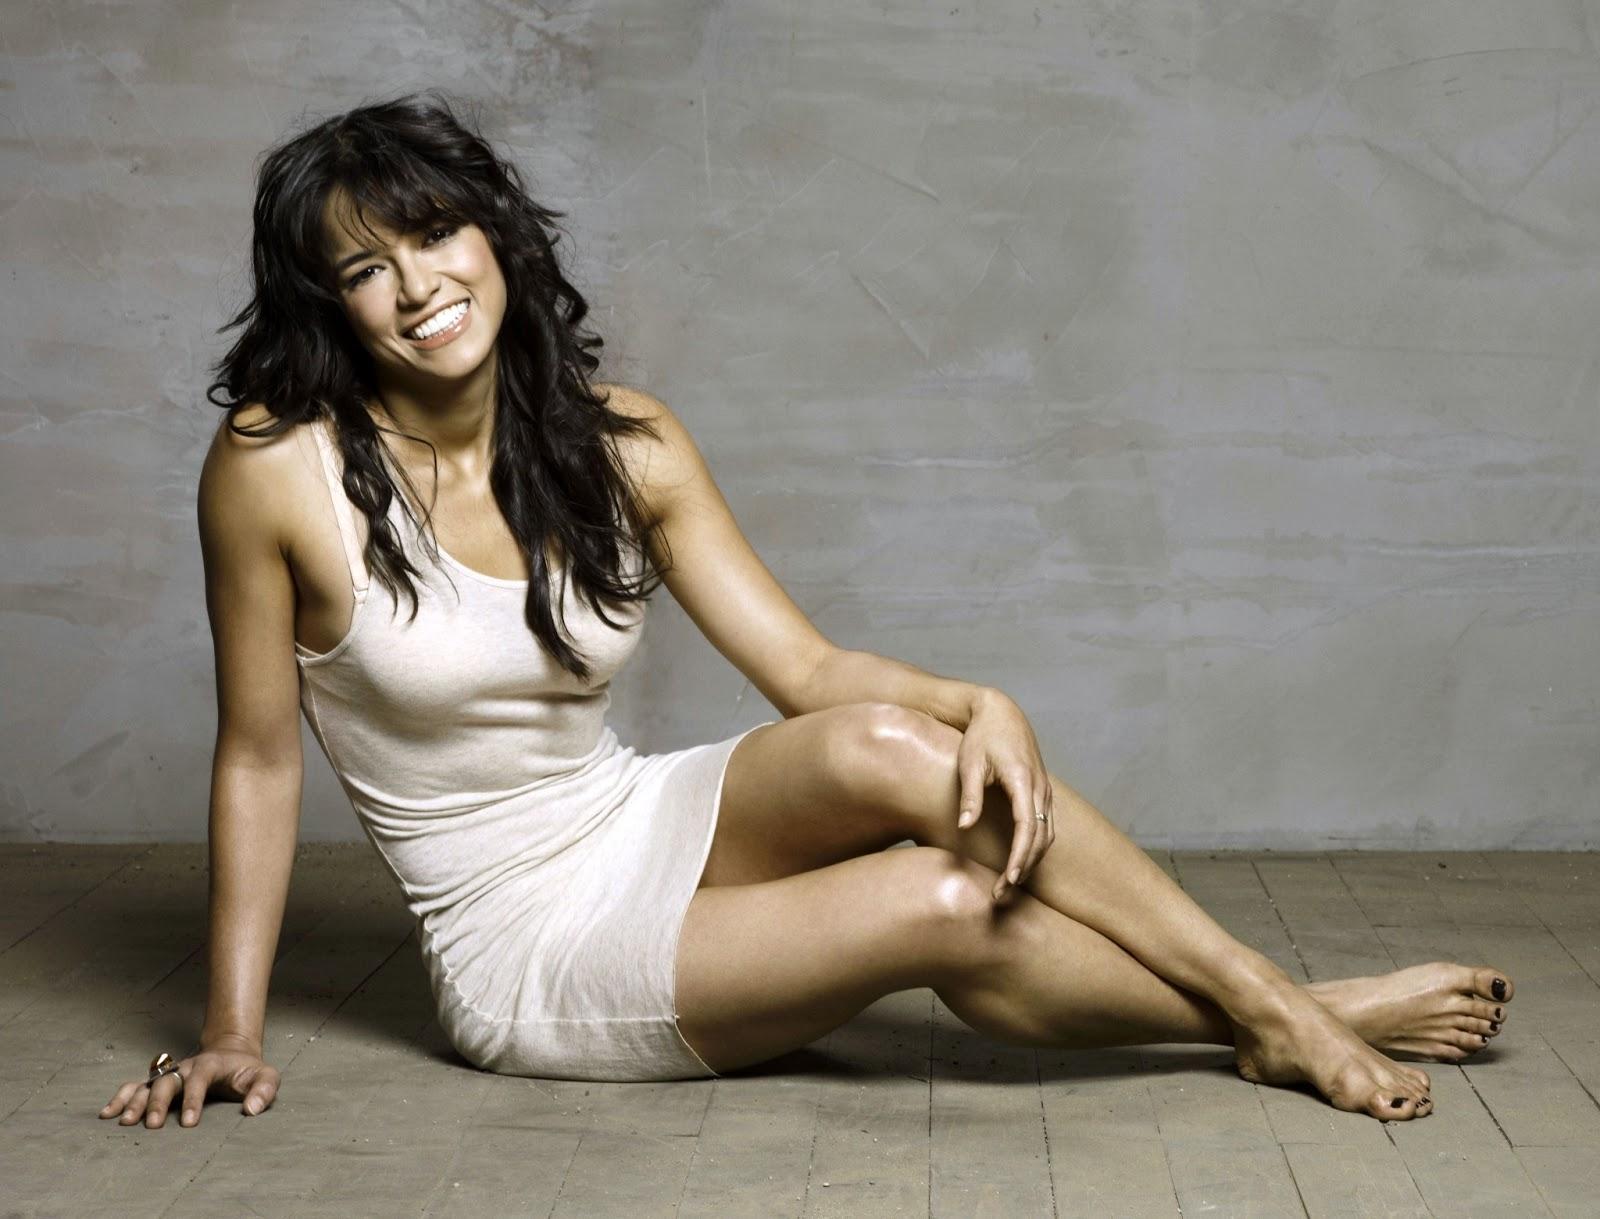 http://4.bp.blogspot.com/-7zdGUyyXmP0/USGi7nagRJI/AAAAAAAADfo/-i7EZqTB_Is/s1600/Michelle-Rodriguez-Hd-a-wallpaper-67464.jpg